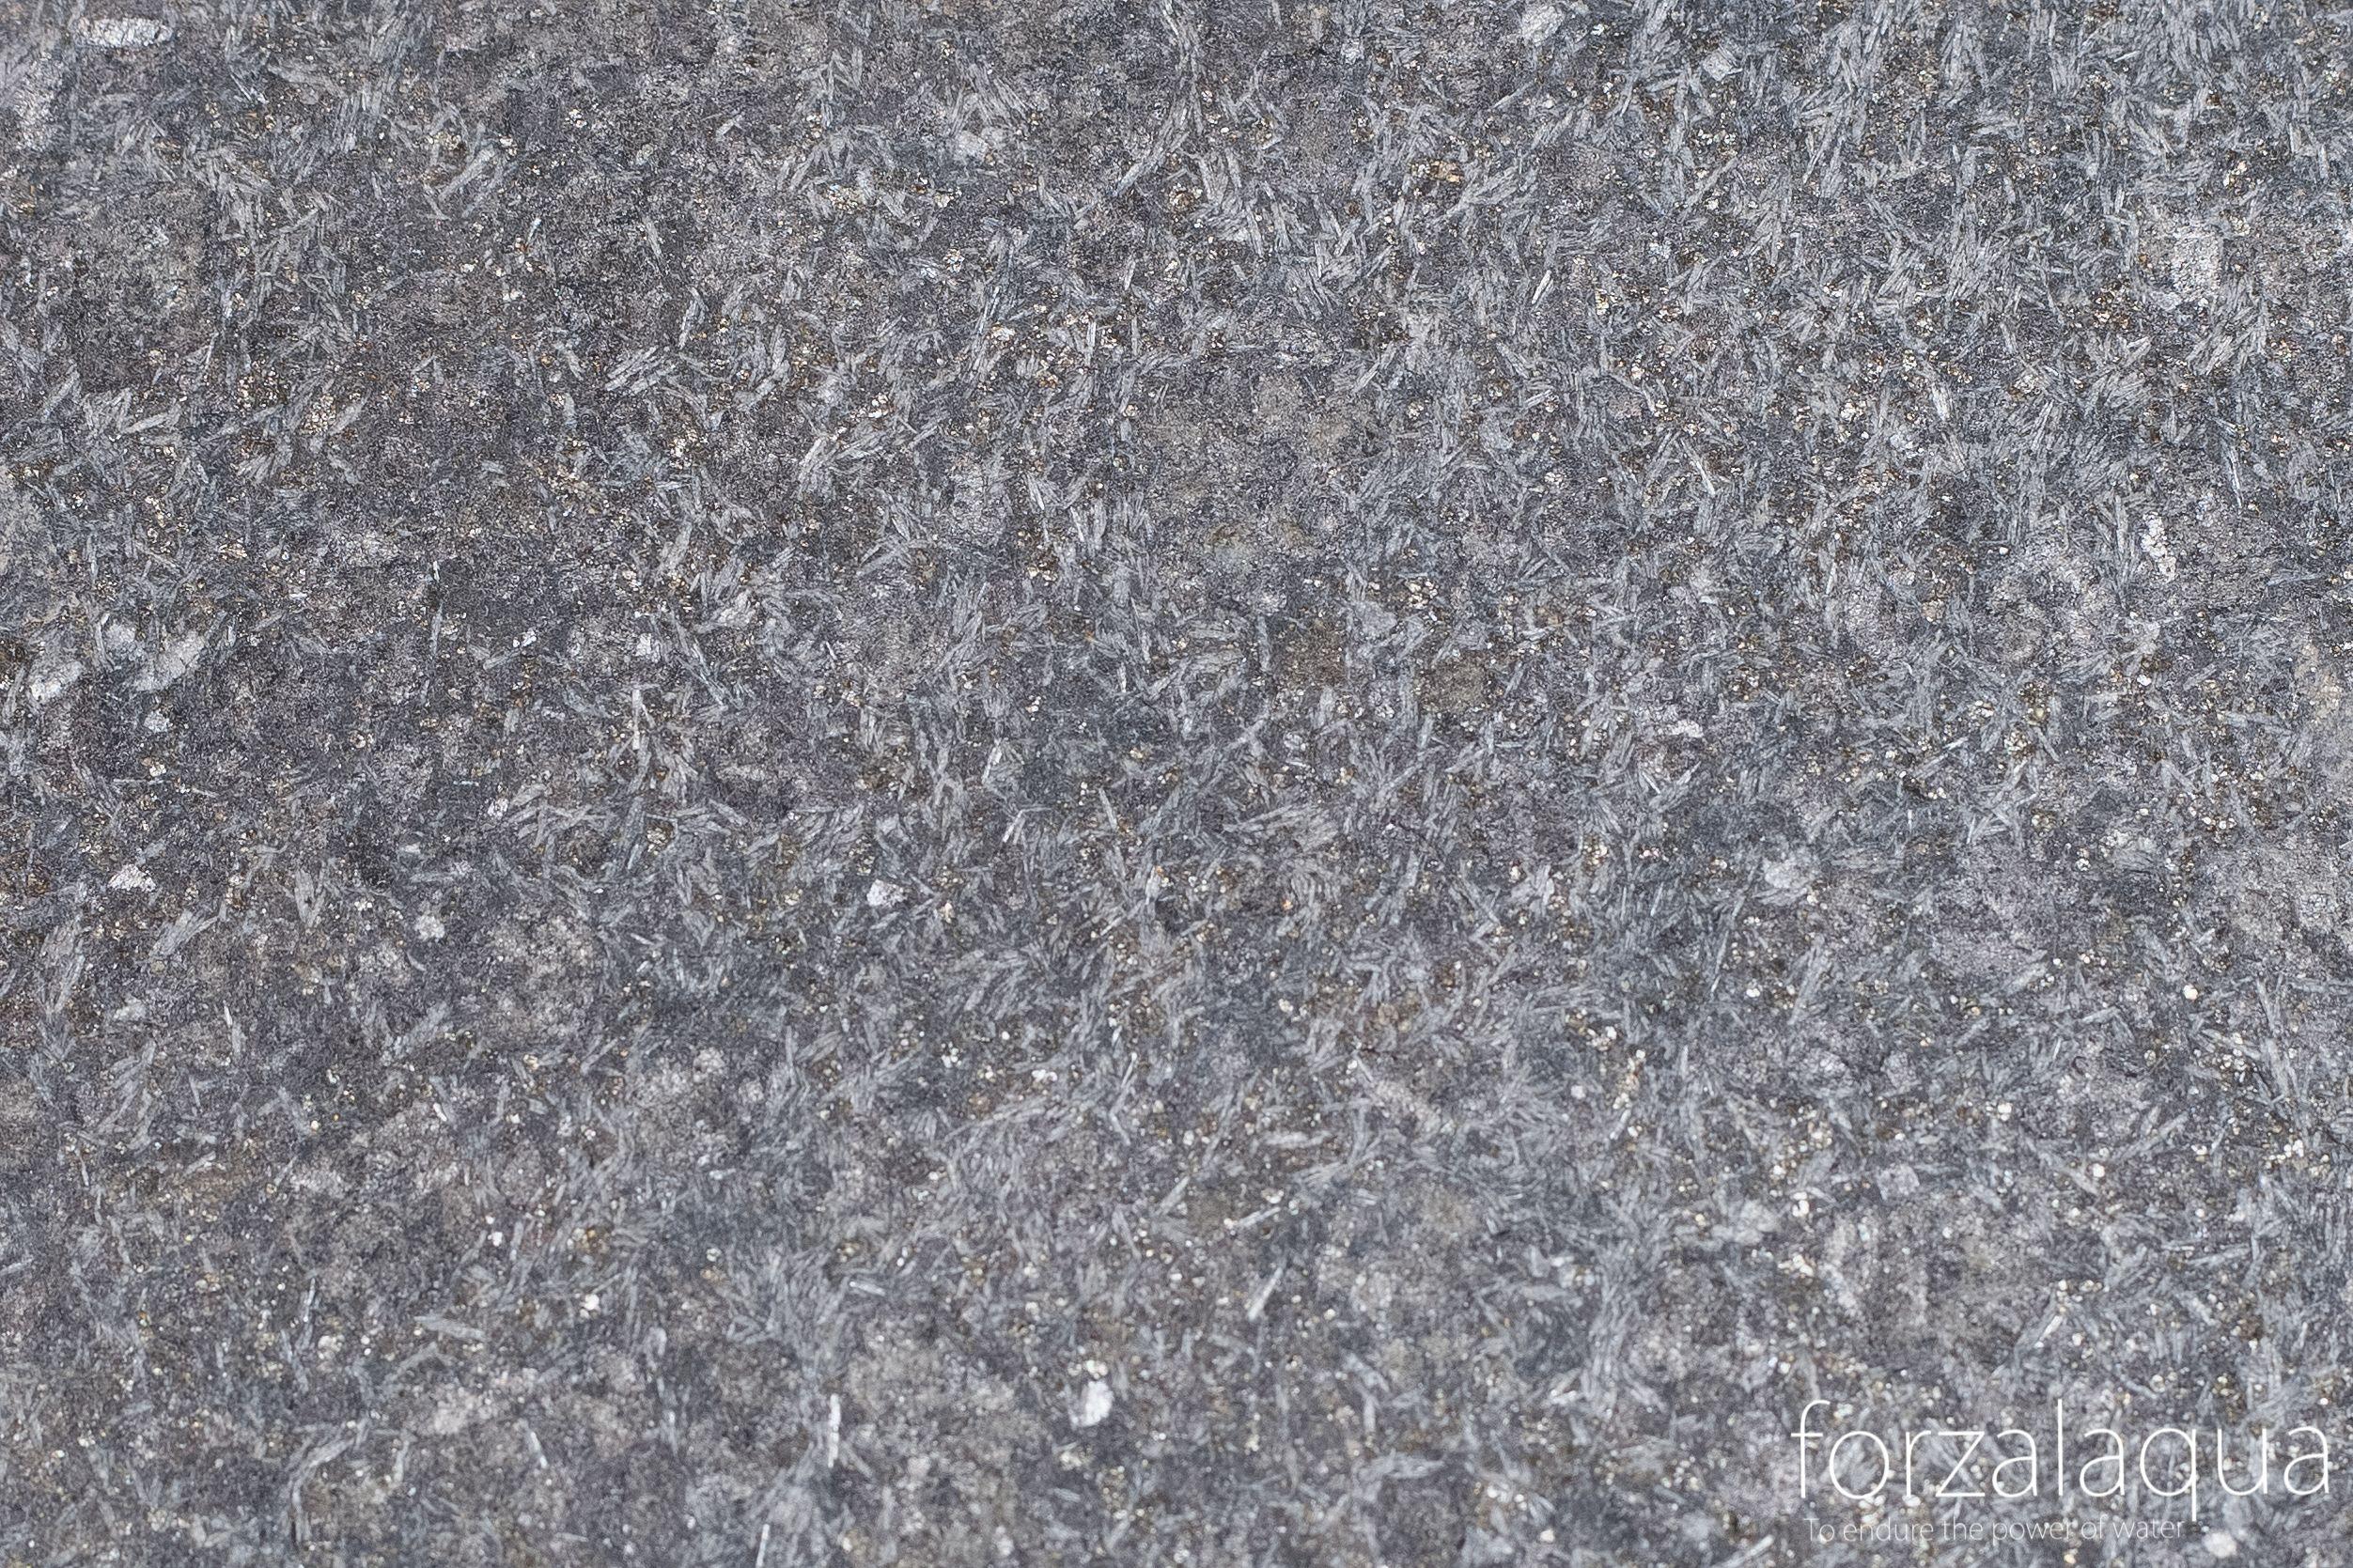 Basalt And Granite : Verona forzalaqua